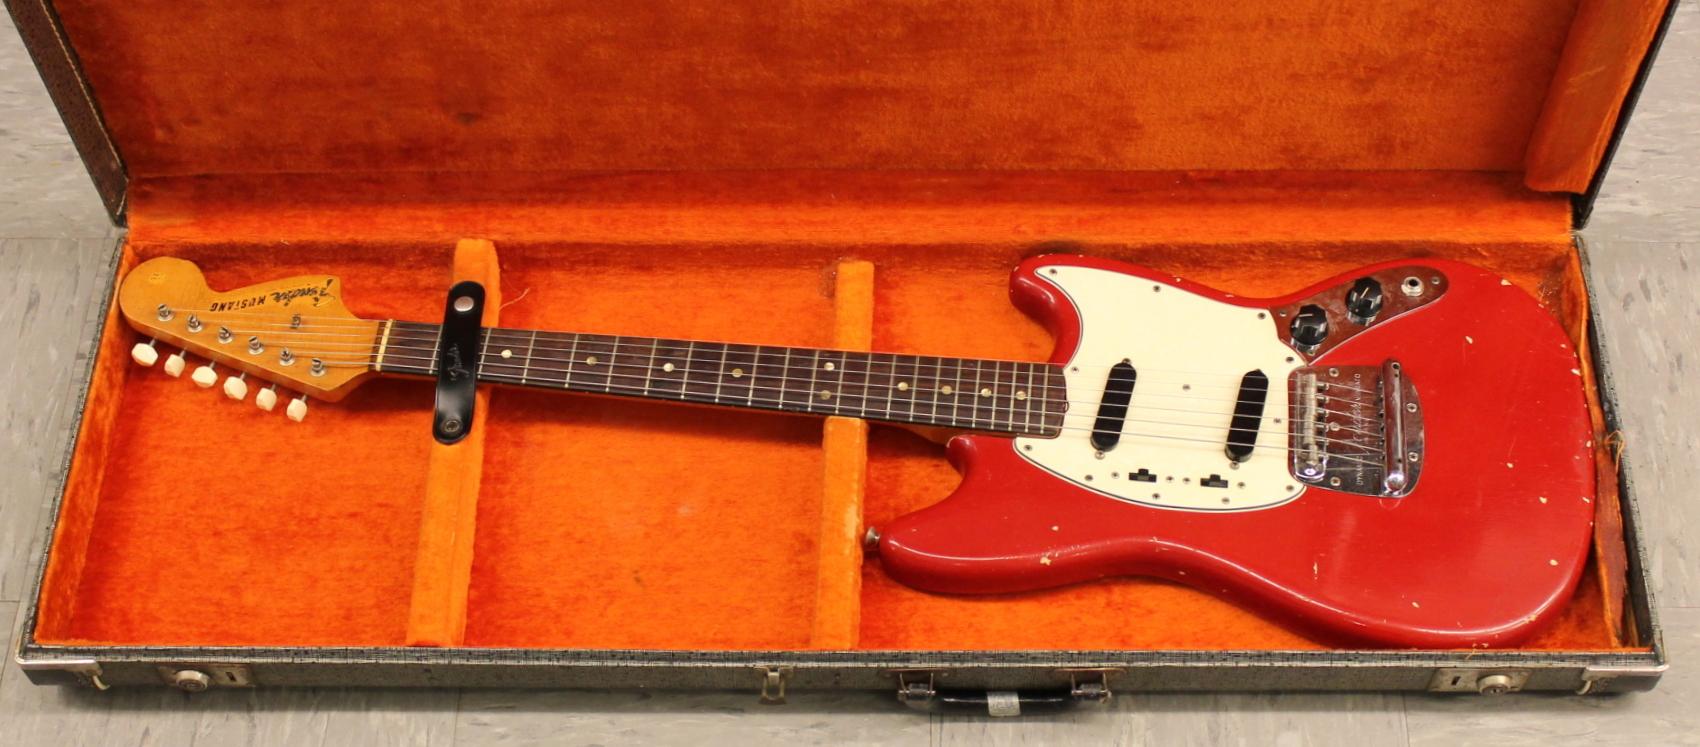 fender mustang 1964 guitar for sale kitarakuu. Black Bedroom Furniture Sets. Home Design Ideas